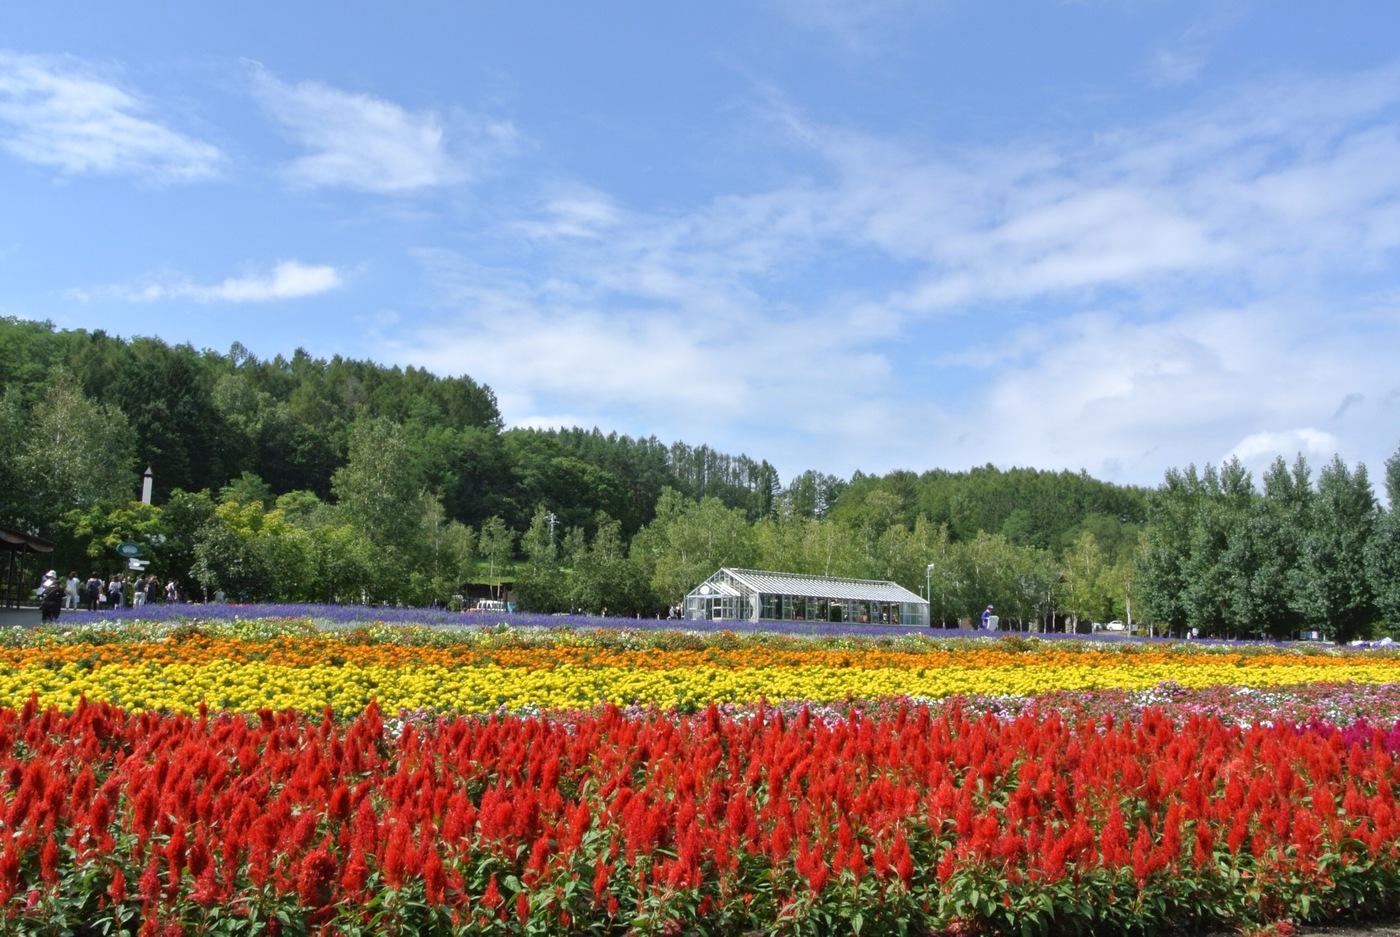 一度は訪れてみたい!北海道のおすすめ観光スポット♡の5枚目の画像の画像